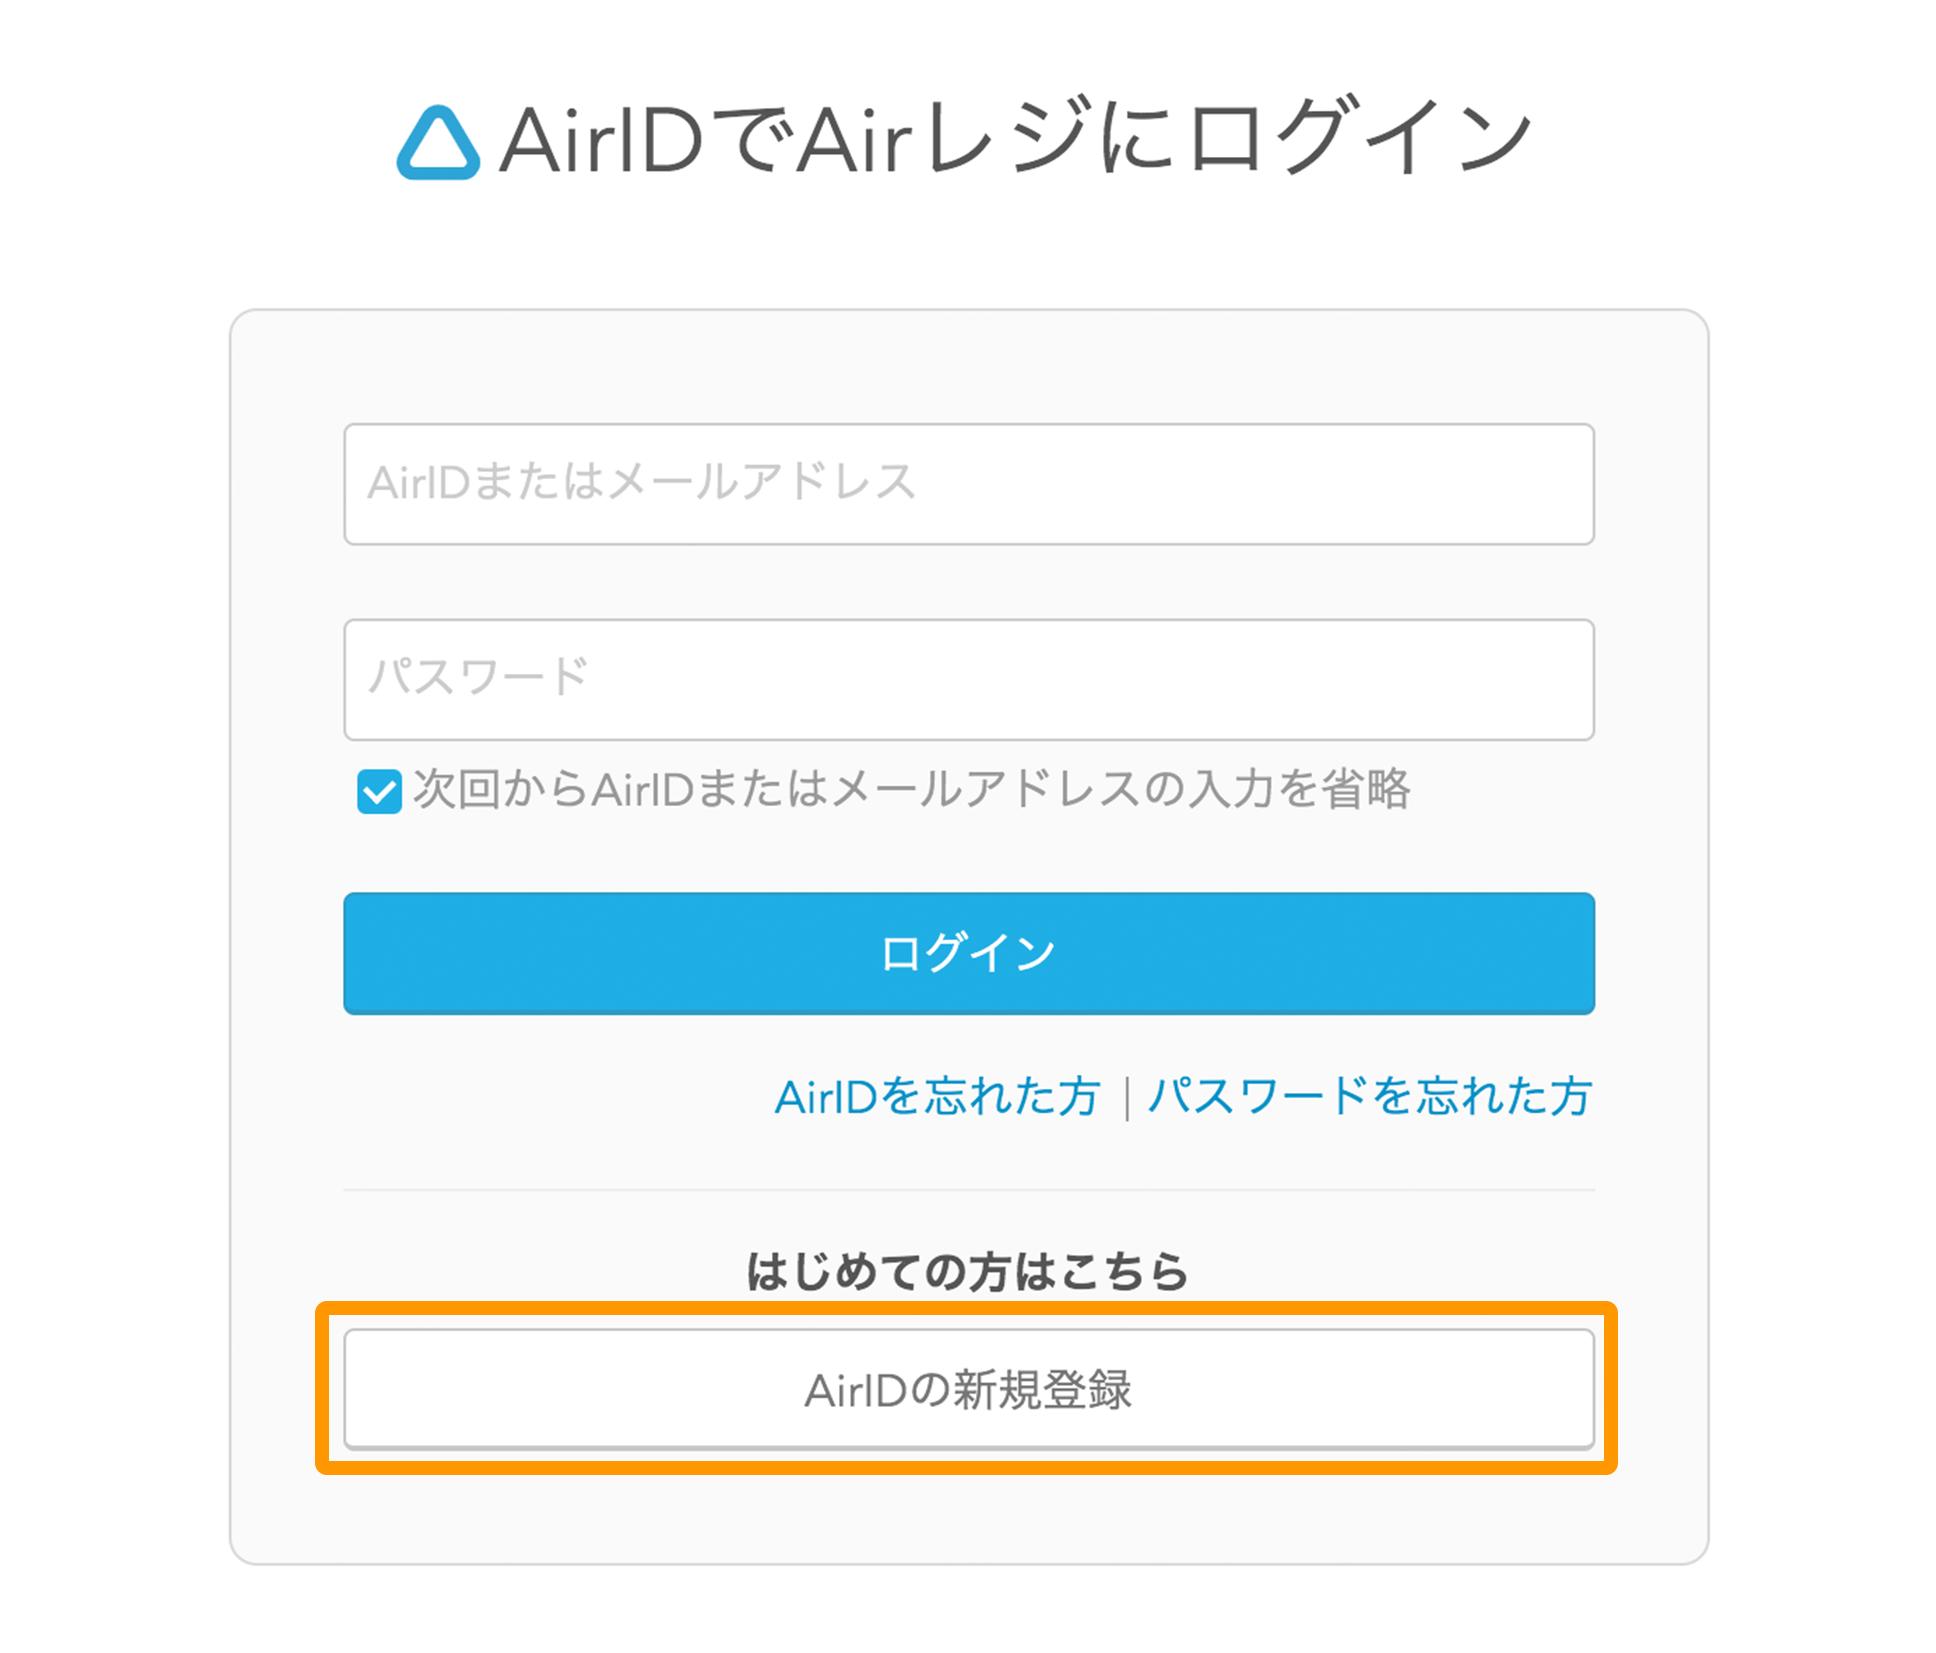 Airレジ ログイン画面で、「AirIDの新規登録」ボタンをタッチ